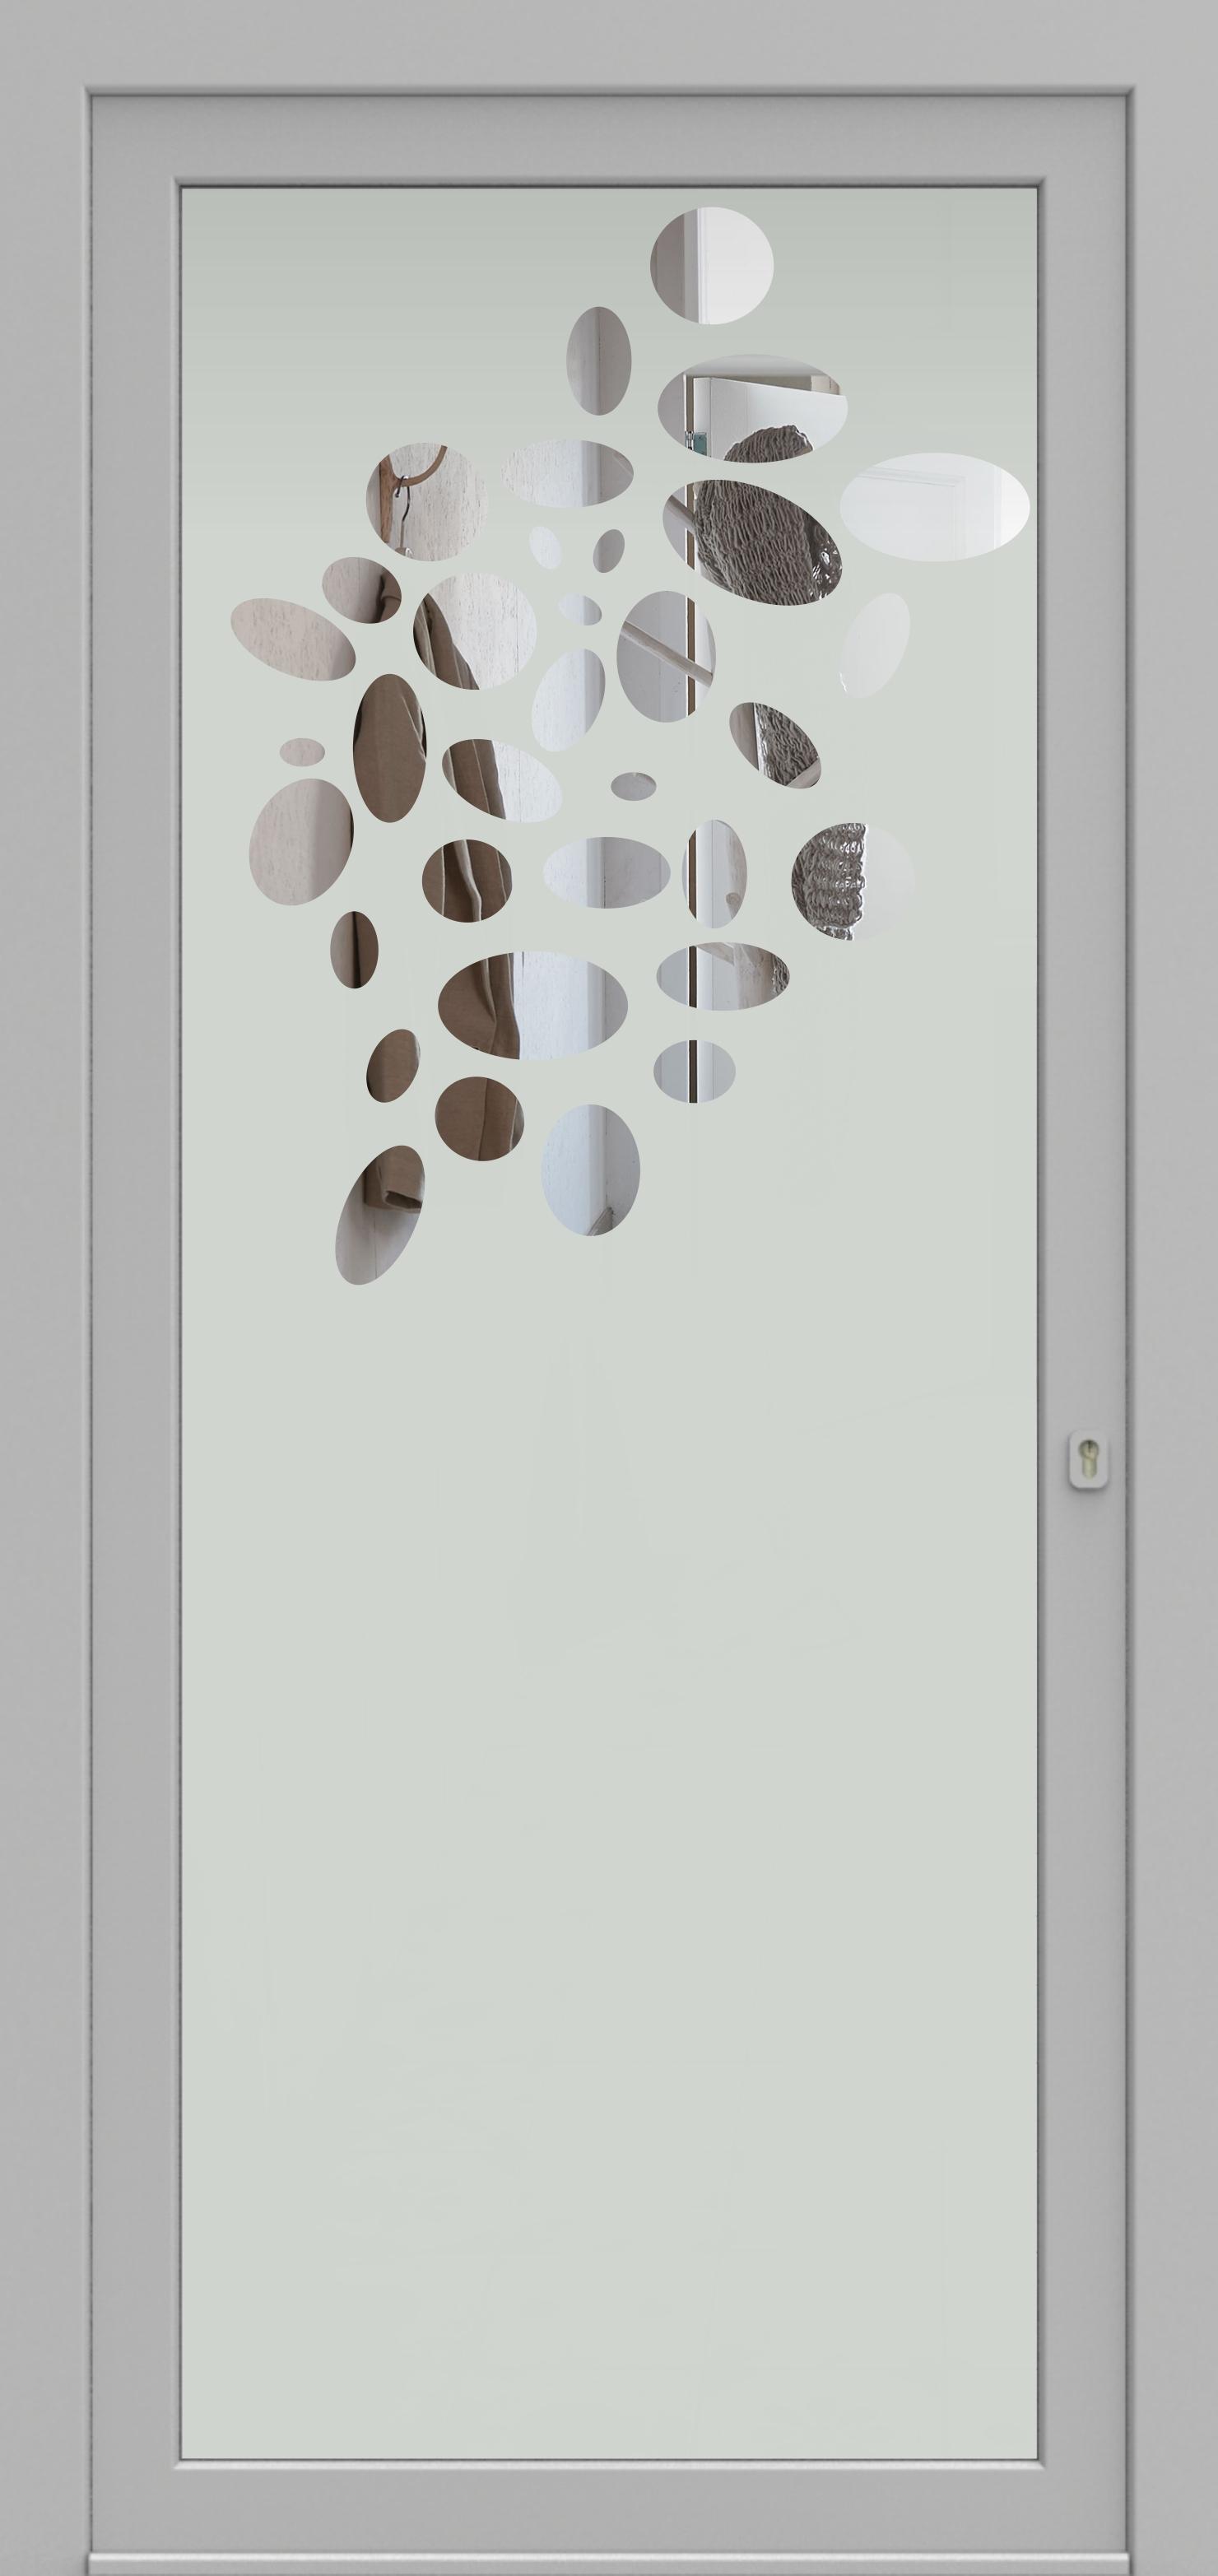 Porte d'entrée DECOVER 2/02 de la gamme Decover posée par les établissements CELEREAU à Roncq